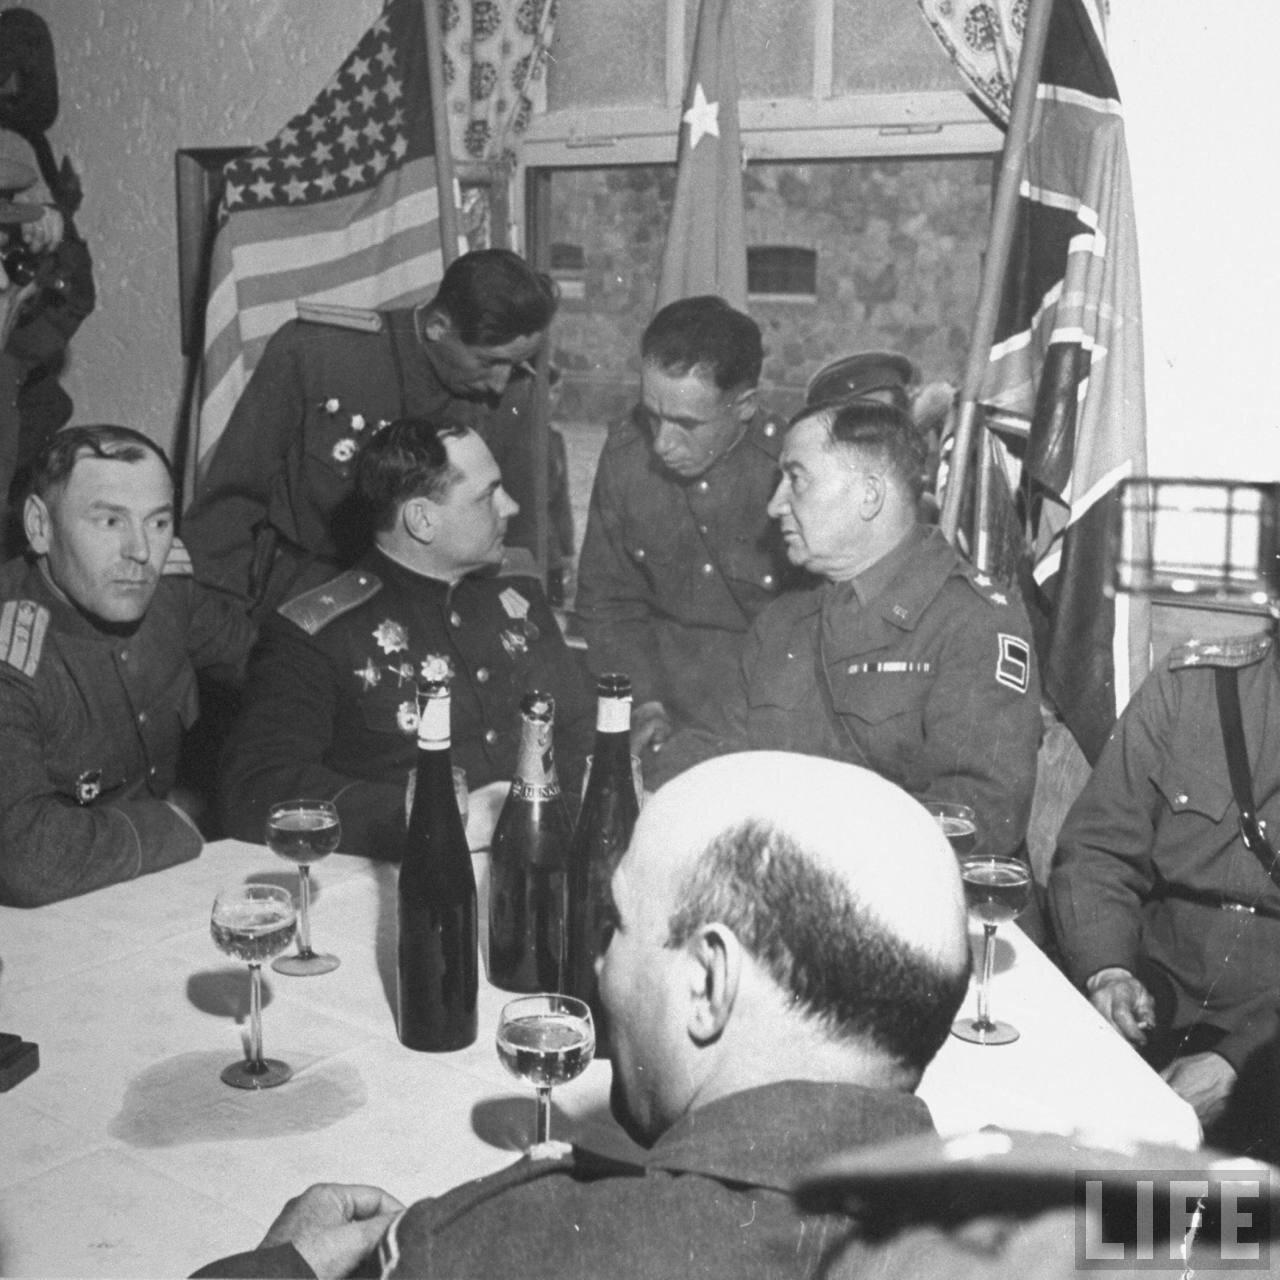 Генерал-майор Владимир Русаков и генерал-майор Эмиль Ф. Рейнхардт разговаривают через переводчика после обмена несколькими тостами